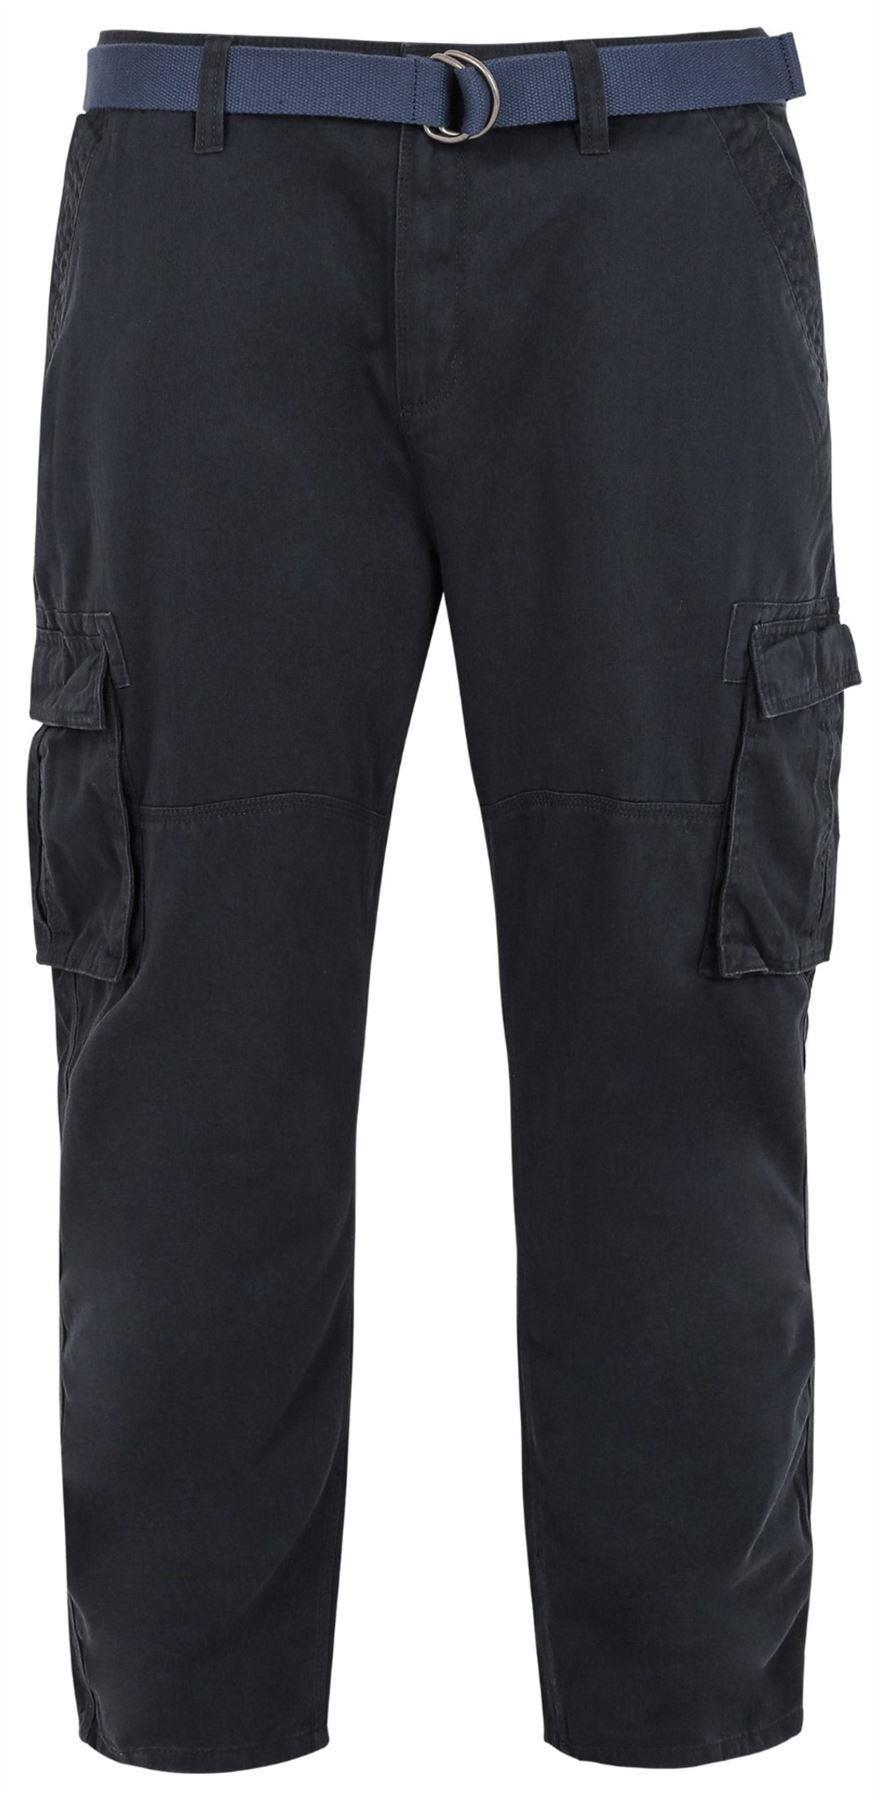 Bad Rhino Cargo Trousers - Navy|52W30L